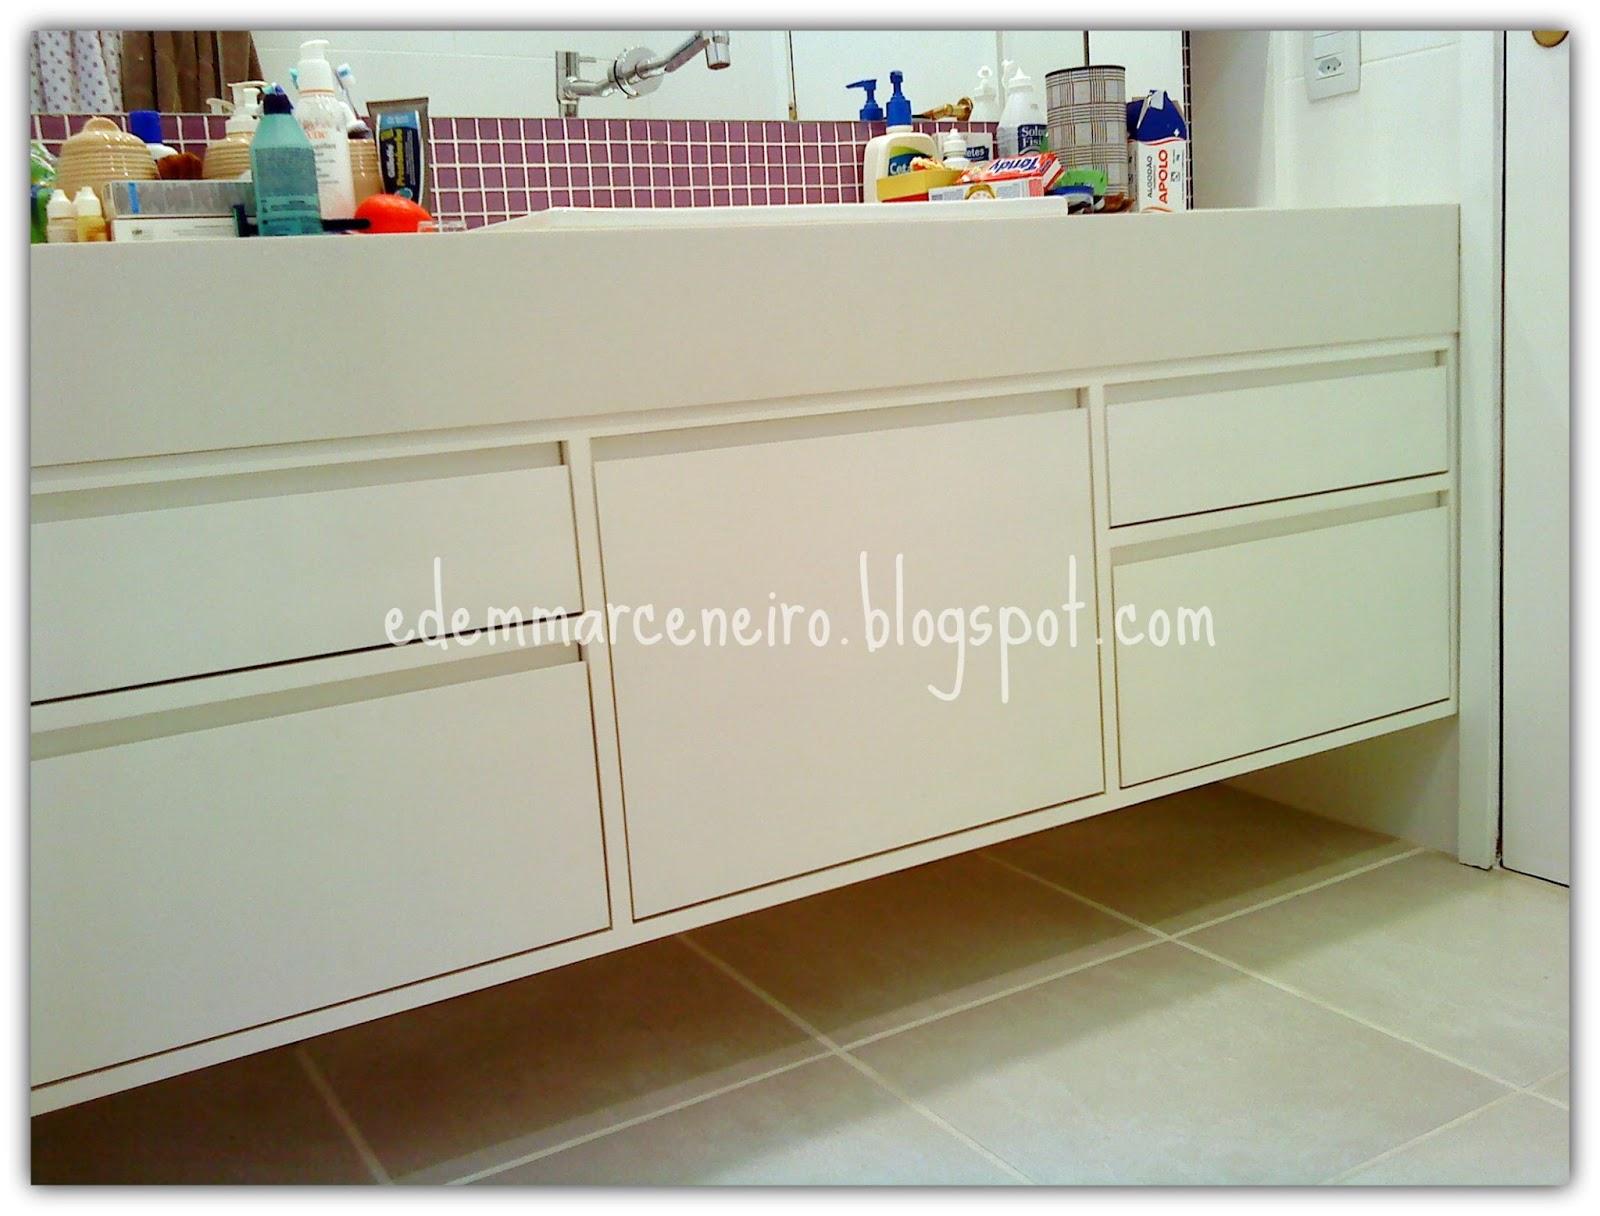 Armário para Banheiro Social  Edem Marceneiro -> Armario De Banheiro Com Puxador Embutido